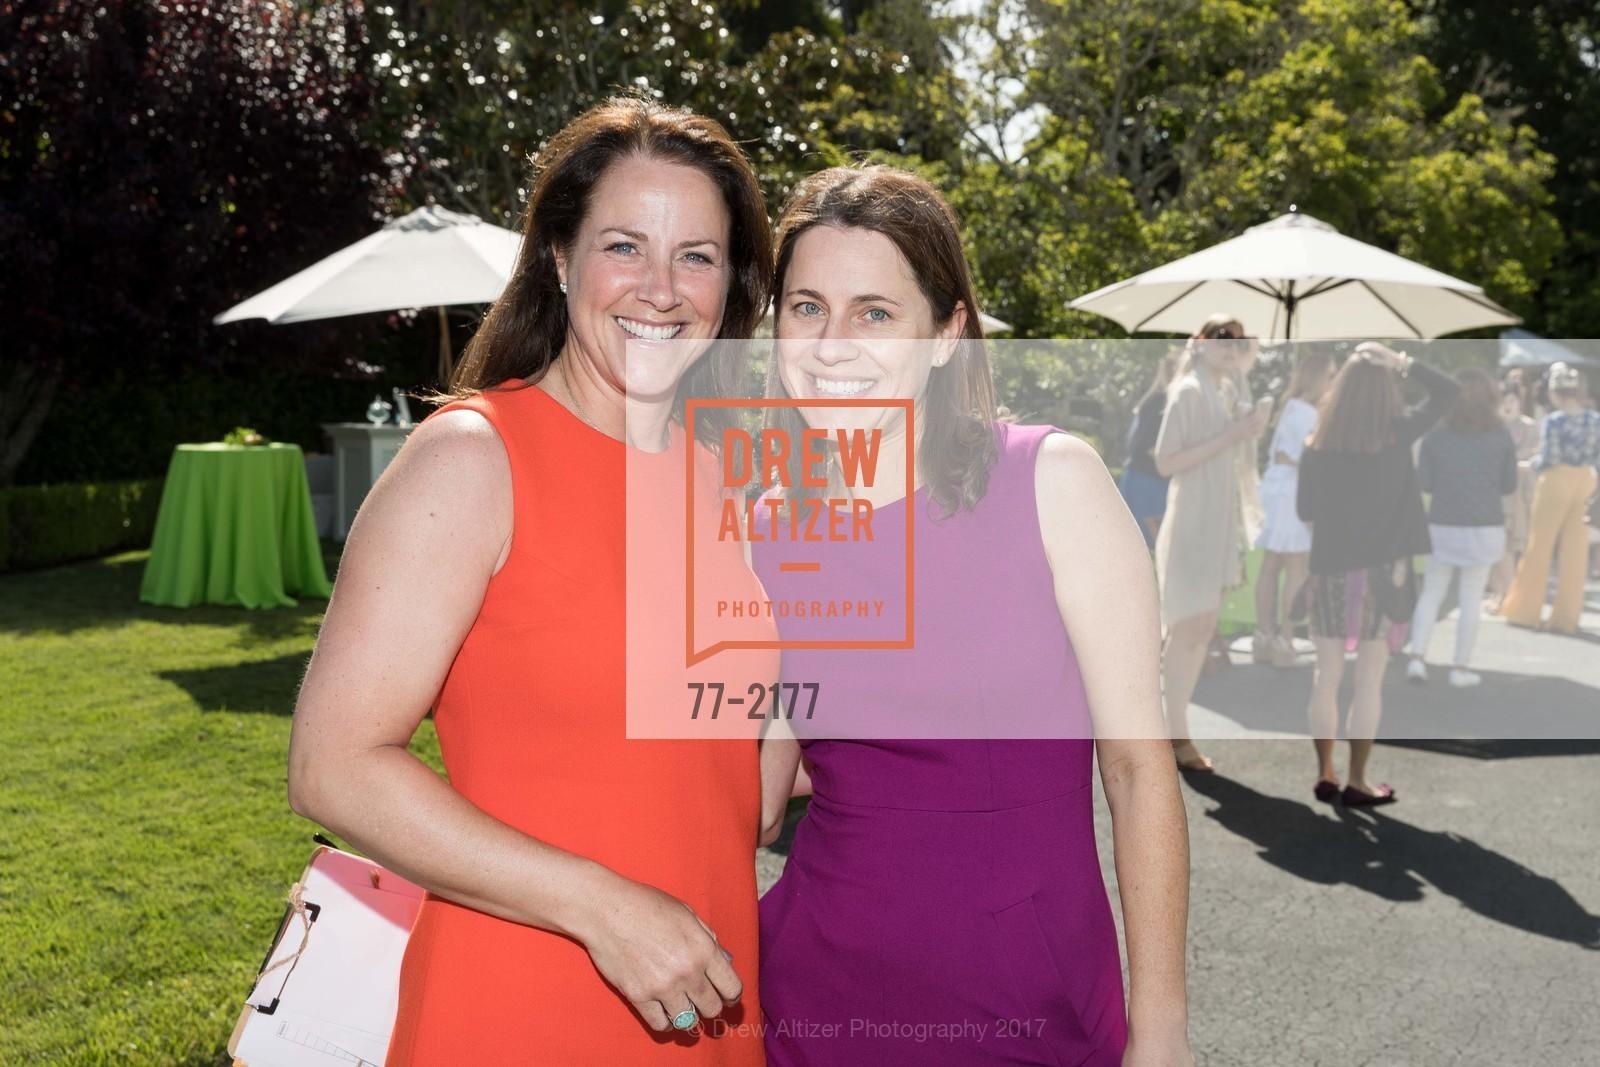 Jen King, Moira Baum, Photo #77-2177